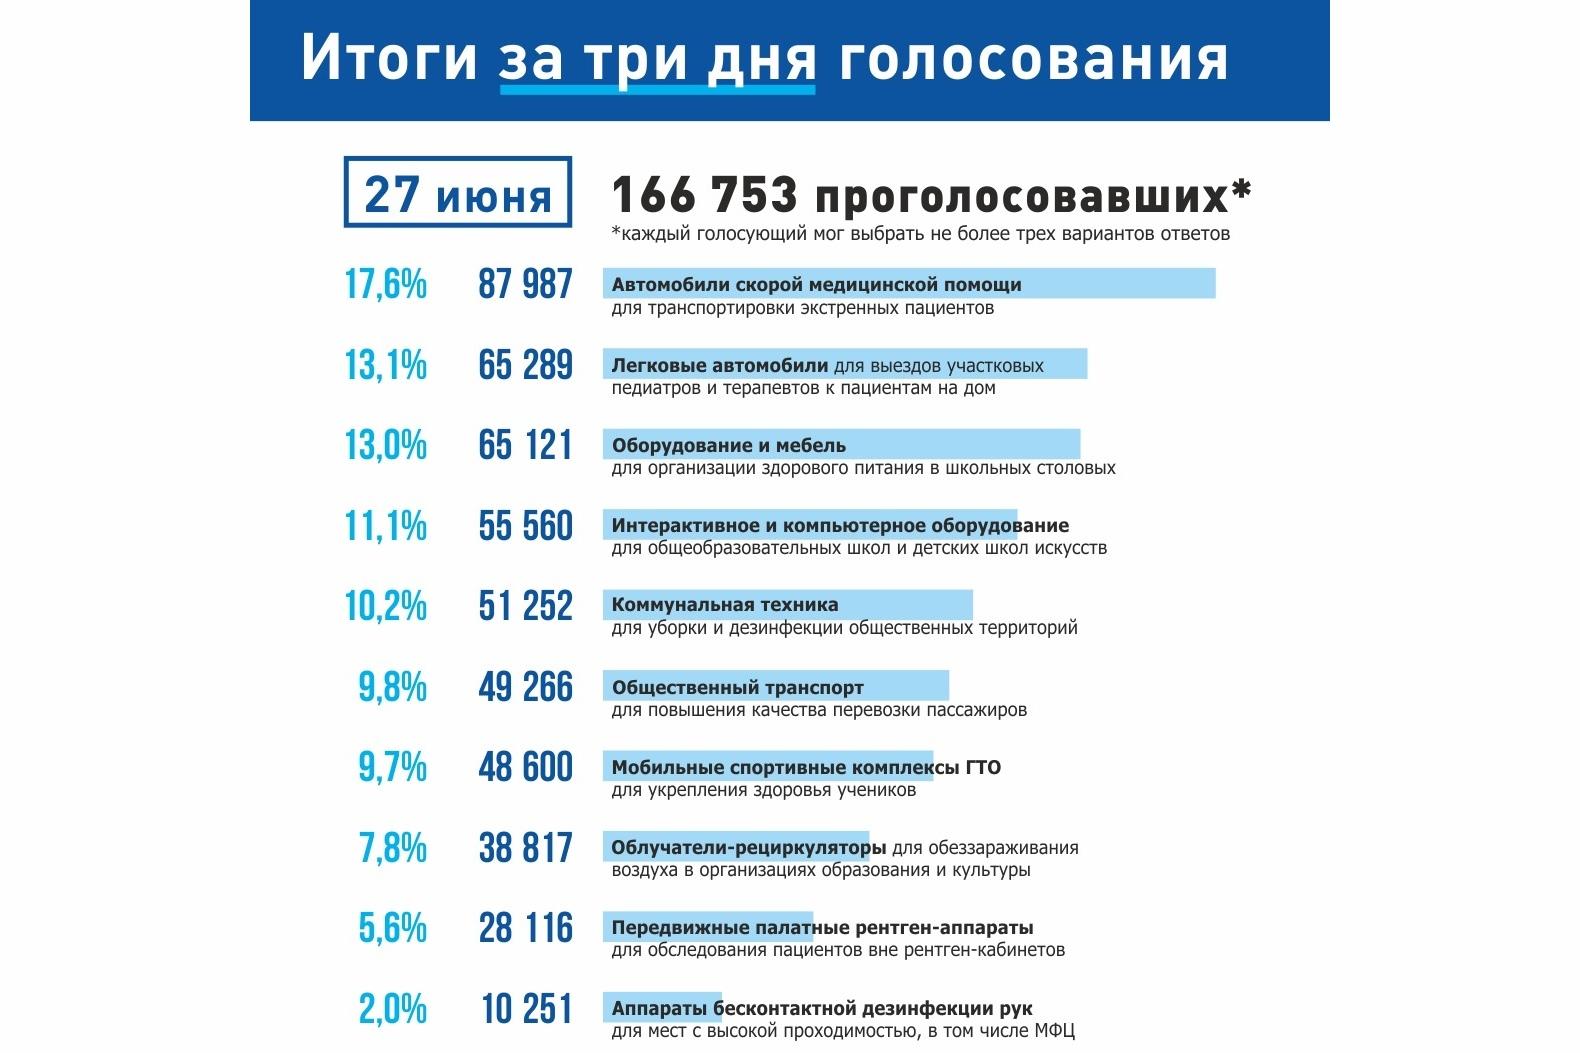 Голосование по проекту «Народный совет» продлится до 1 июля включительно